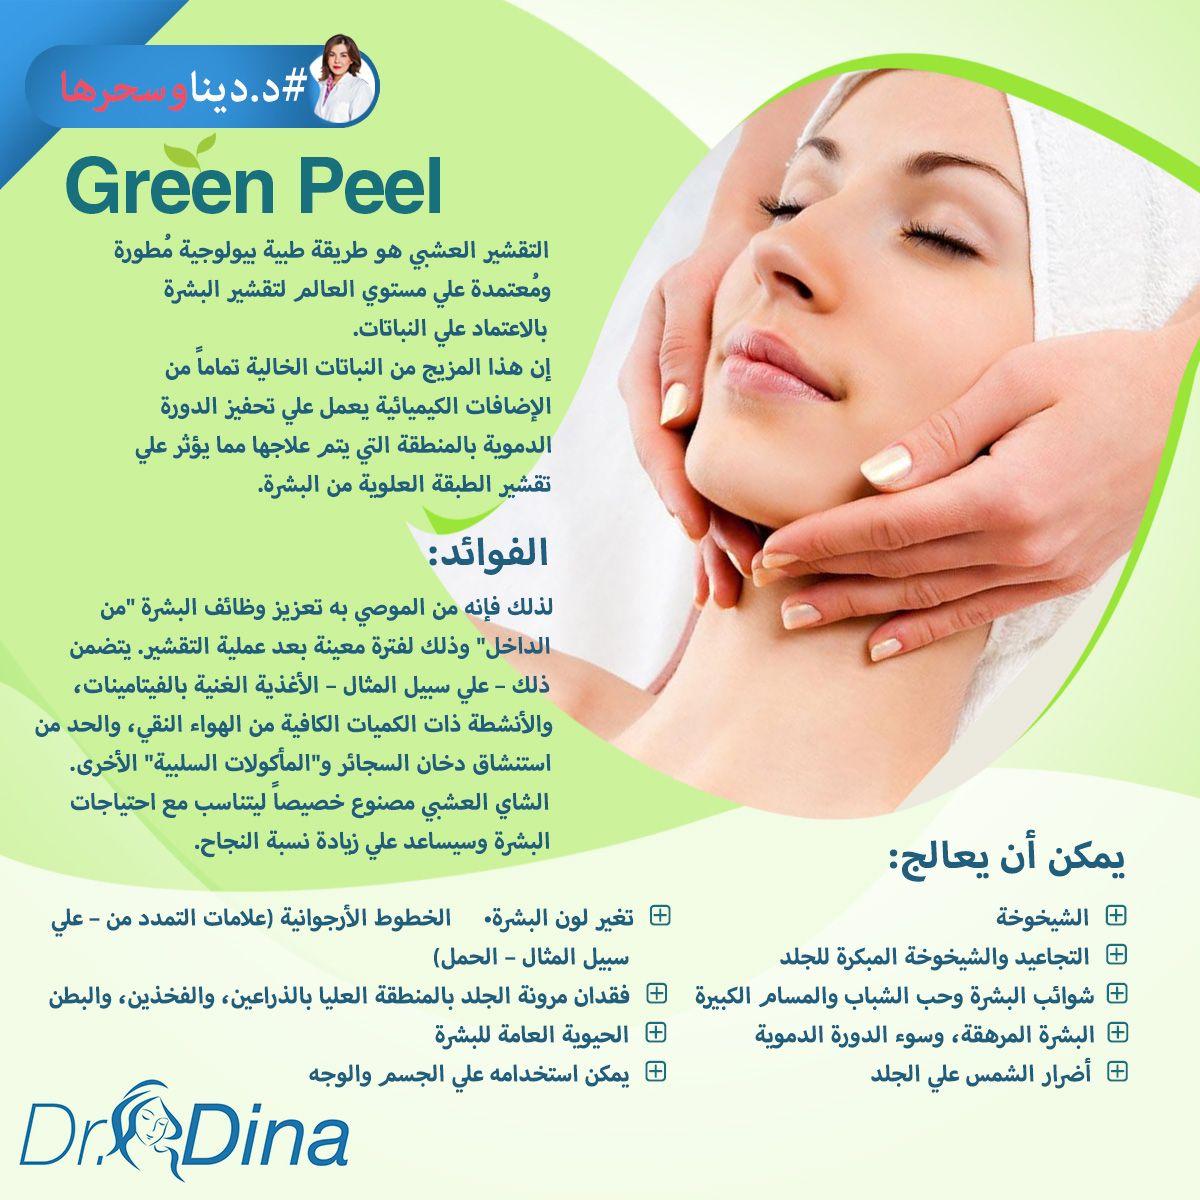 التقشير الأخضر هو الأكثر أمانا وتأثيرا في علاج البشرة لإحياء الجلد ليصبح أكثر شبابا وحيوية وإشراقا الدكتورة دينا وسحرها Flawless Skin Skin Problems Pill